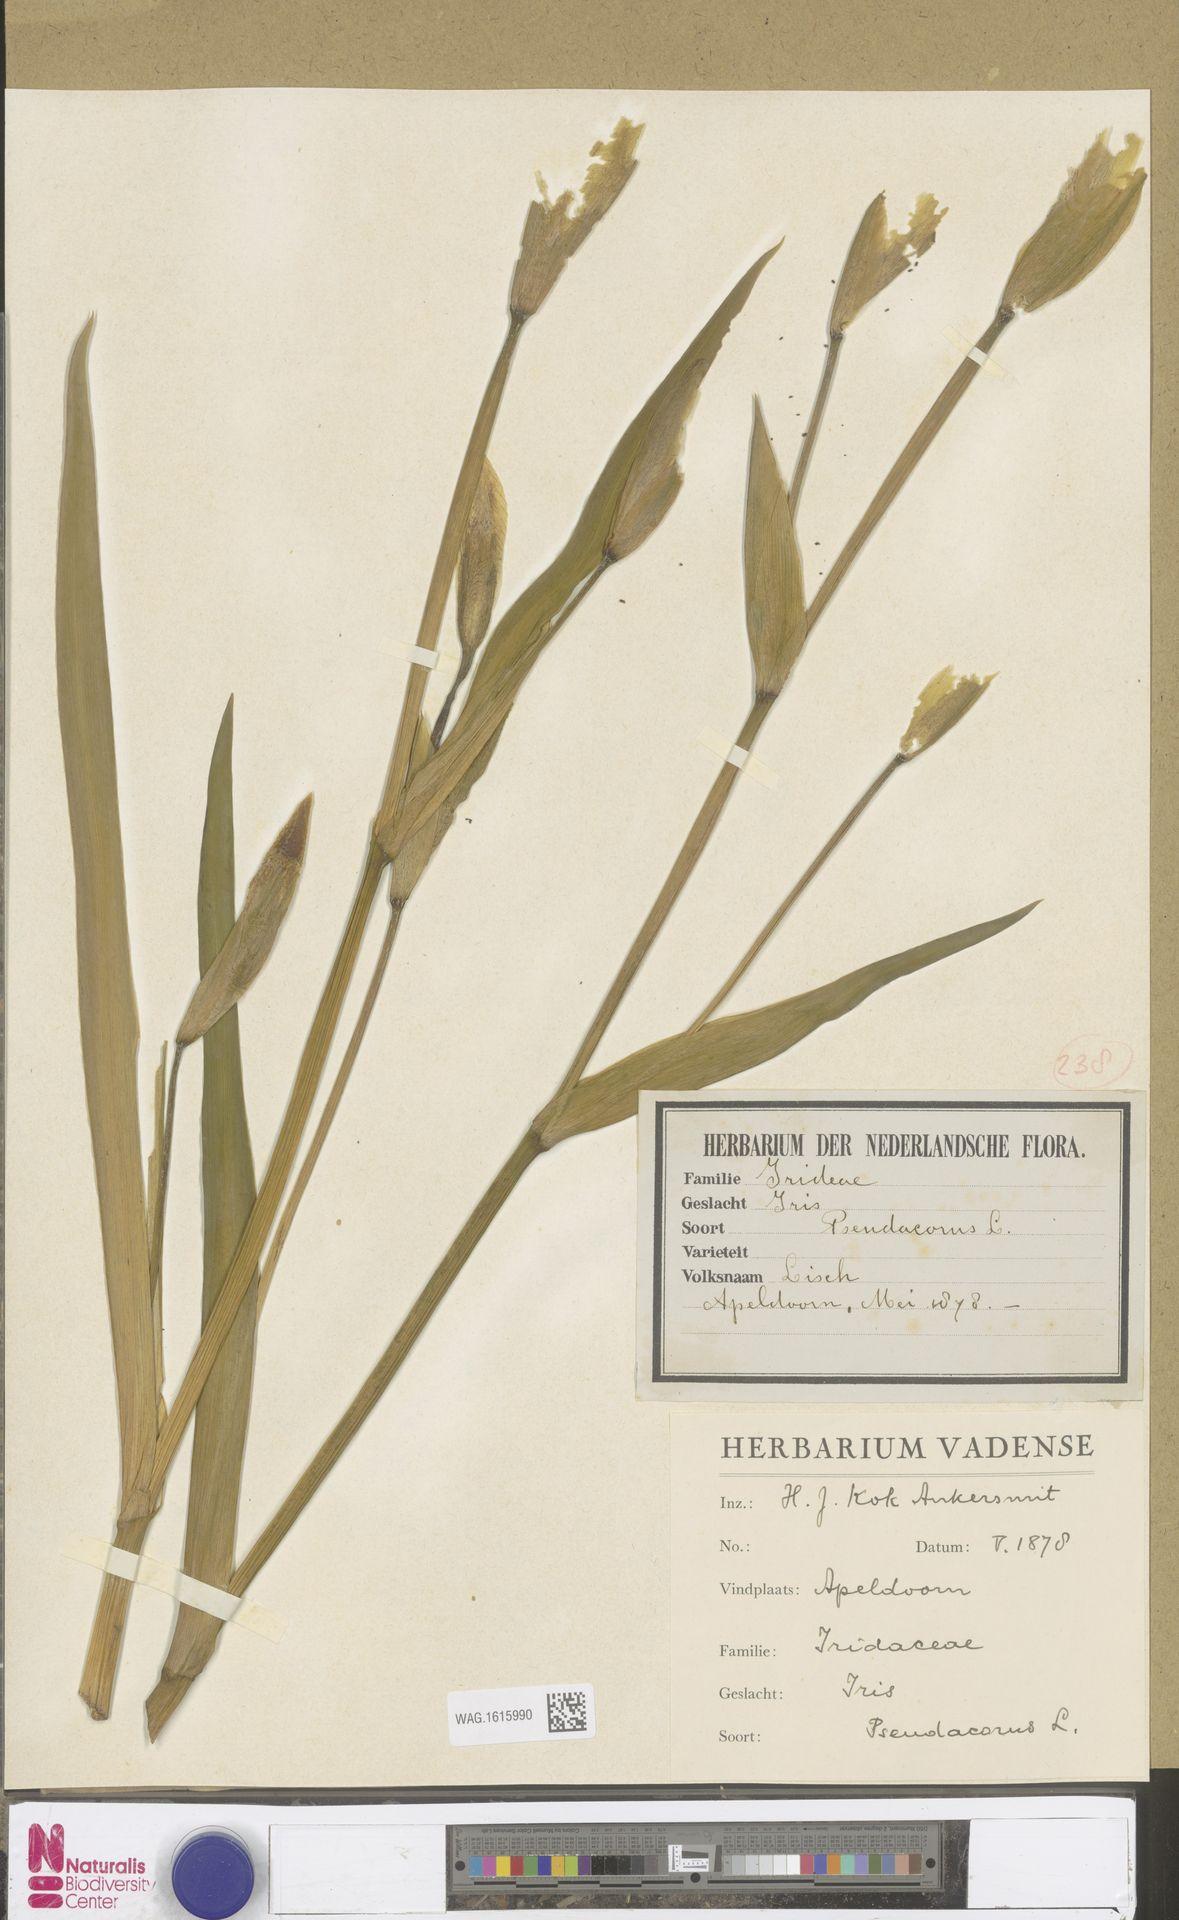 WAG.1615990 | Iris pseudacorus L.